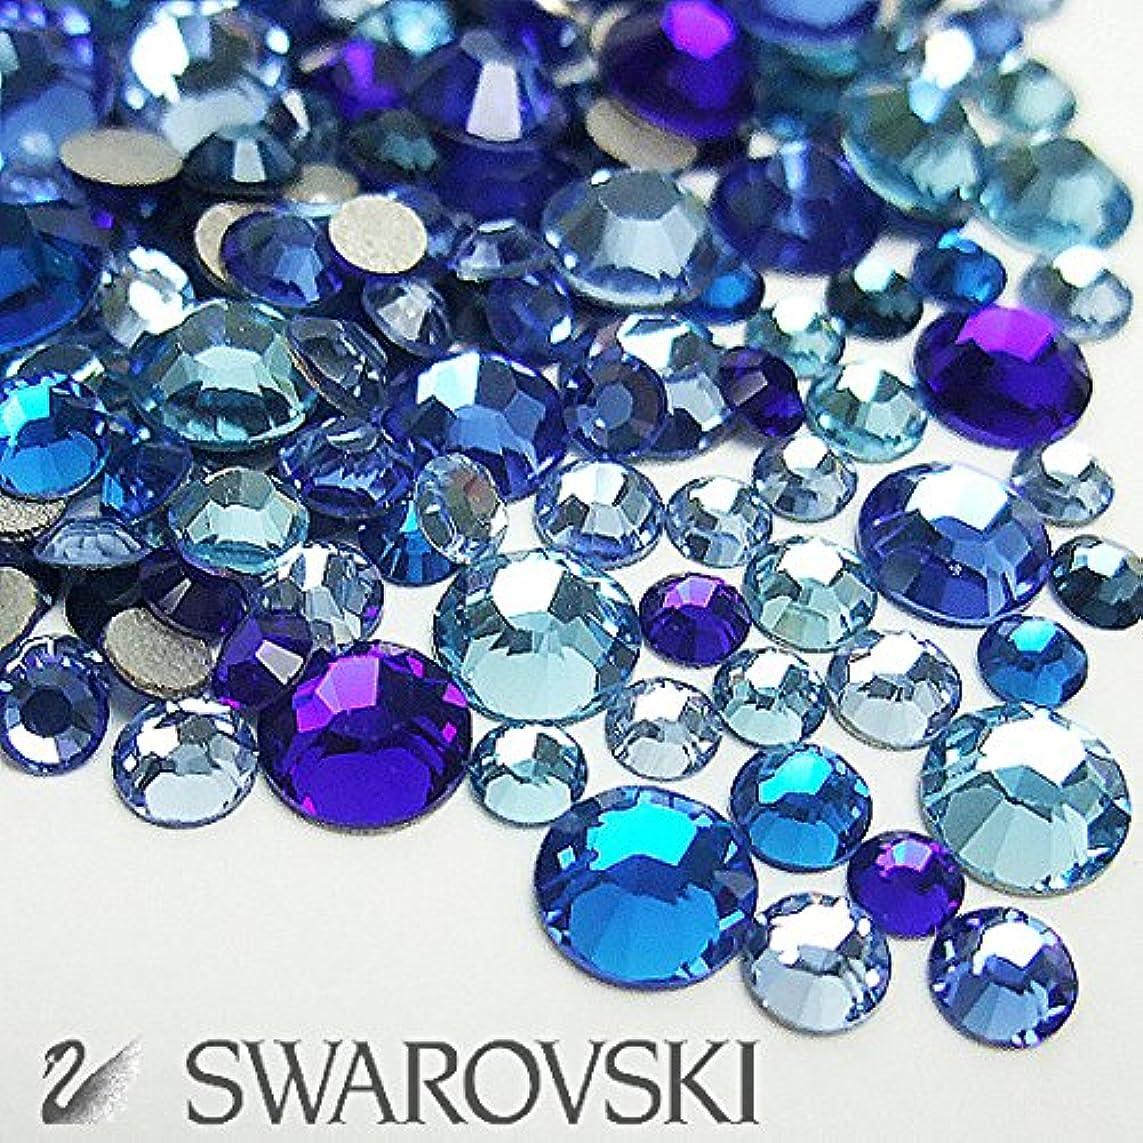 愚かなつまずくピザスワロフスキー(Swarovski) クリスタライズ ラインストーン お試しMIX (100粒) ブルー